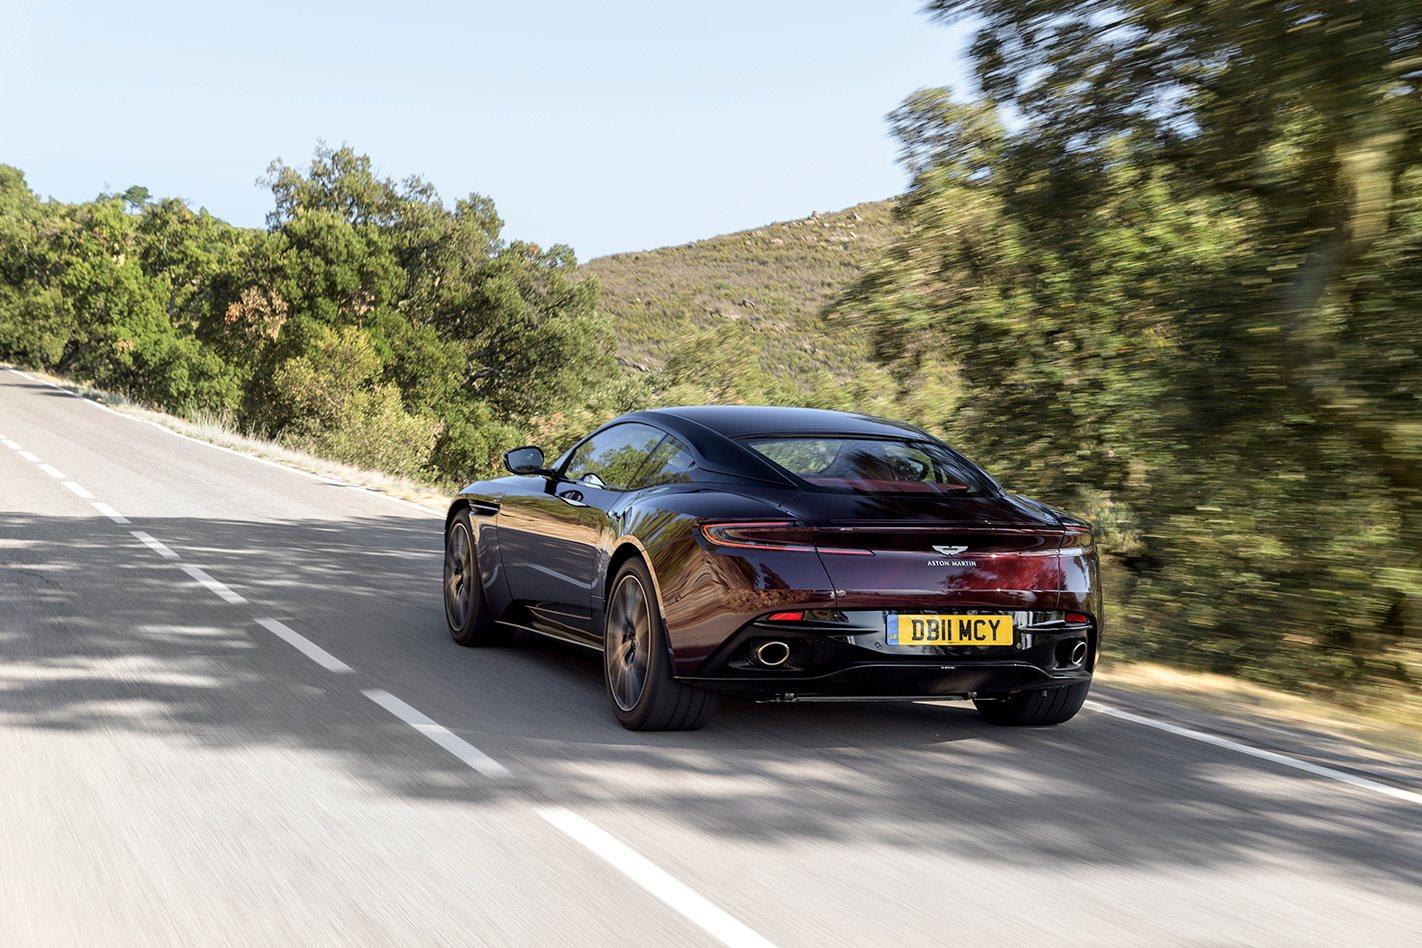 2018 Aston Martin DB11 V8 rear.jpg